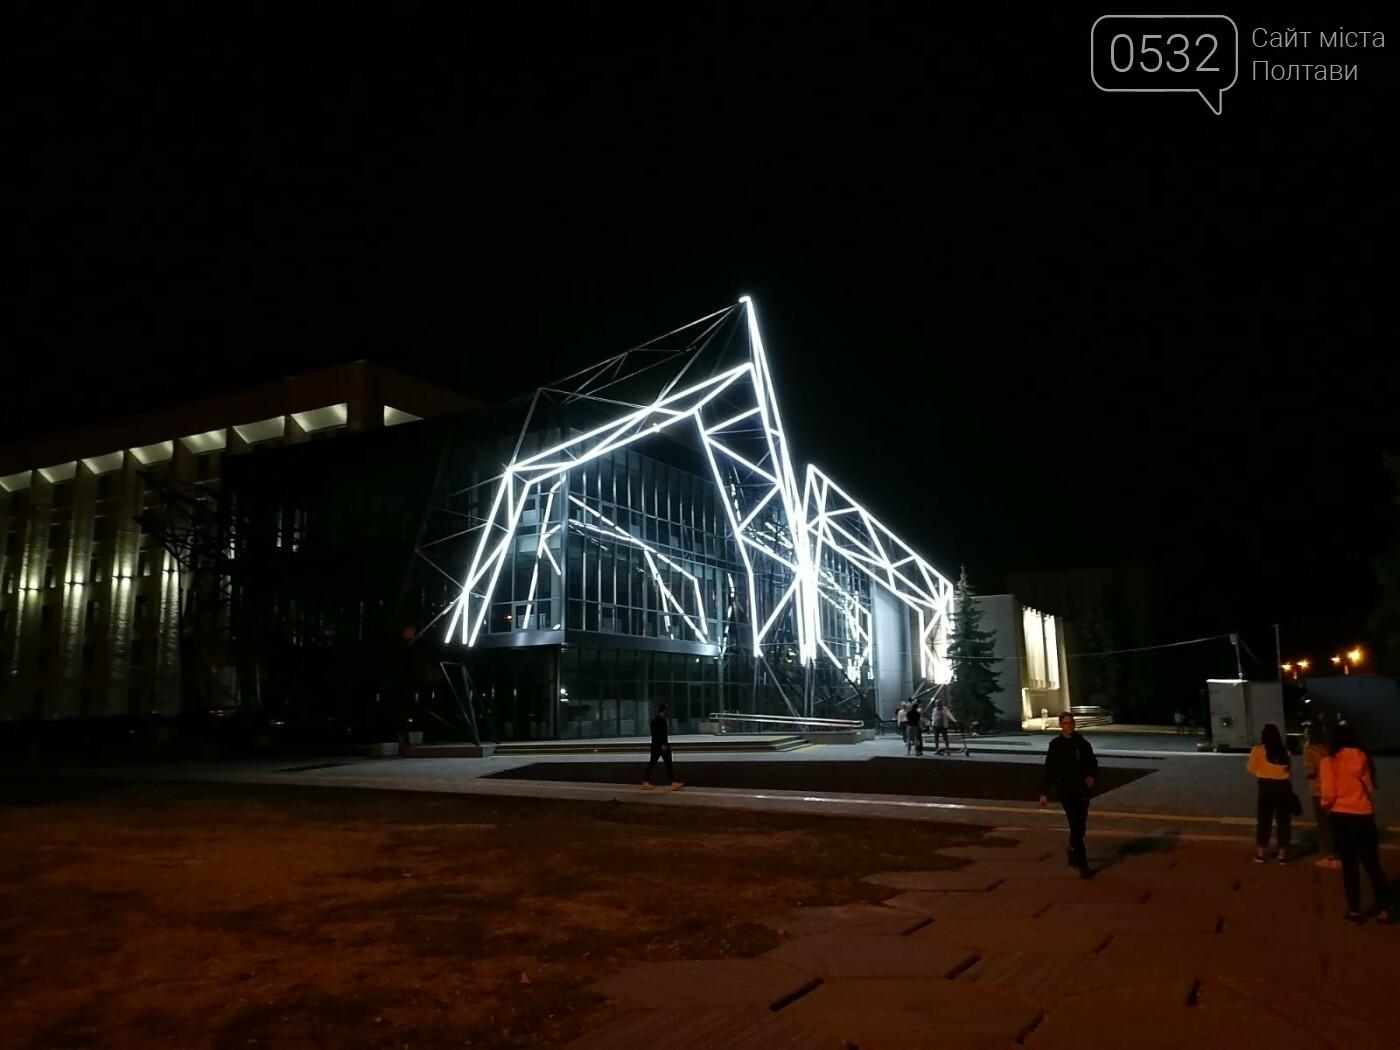 У Полтаві новий ЦНАП на площі біля ОДА став місцем вечірнього «паломництва» (ФОТО), фото-1